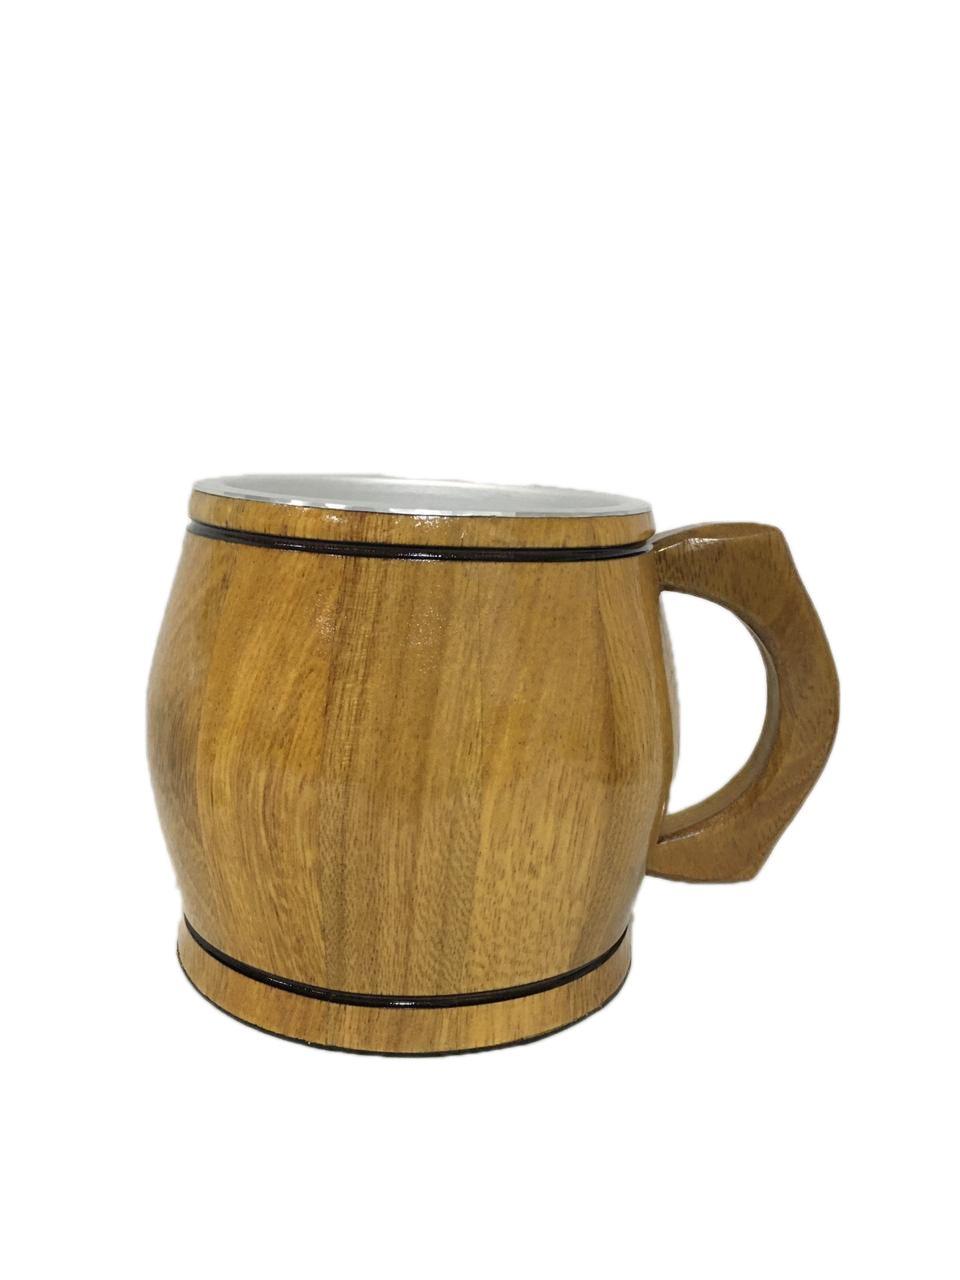 Caneca Artesanal de Madeira Cerejeira 1 Litro Chopp Cerveja